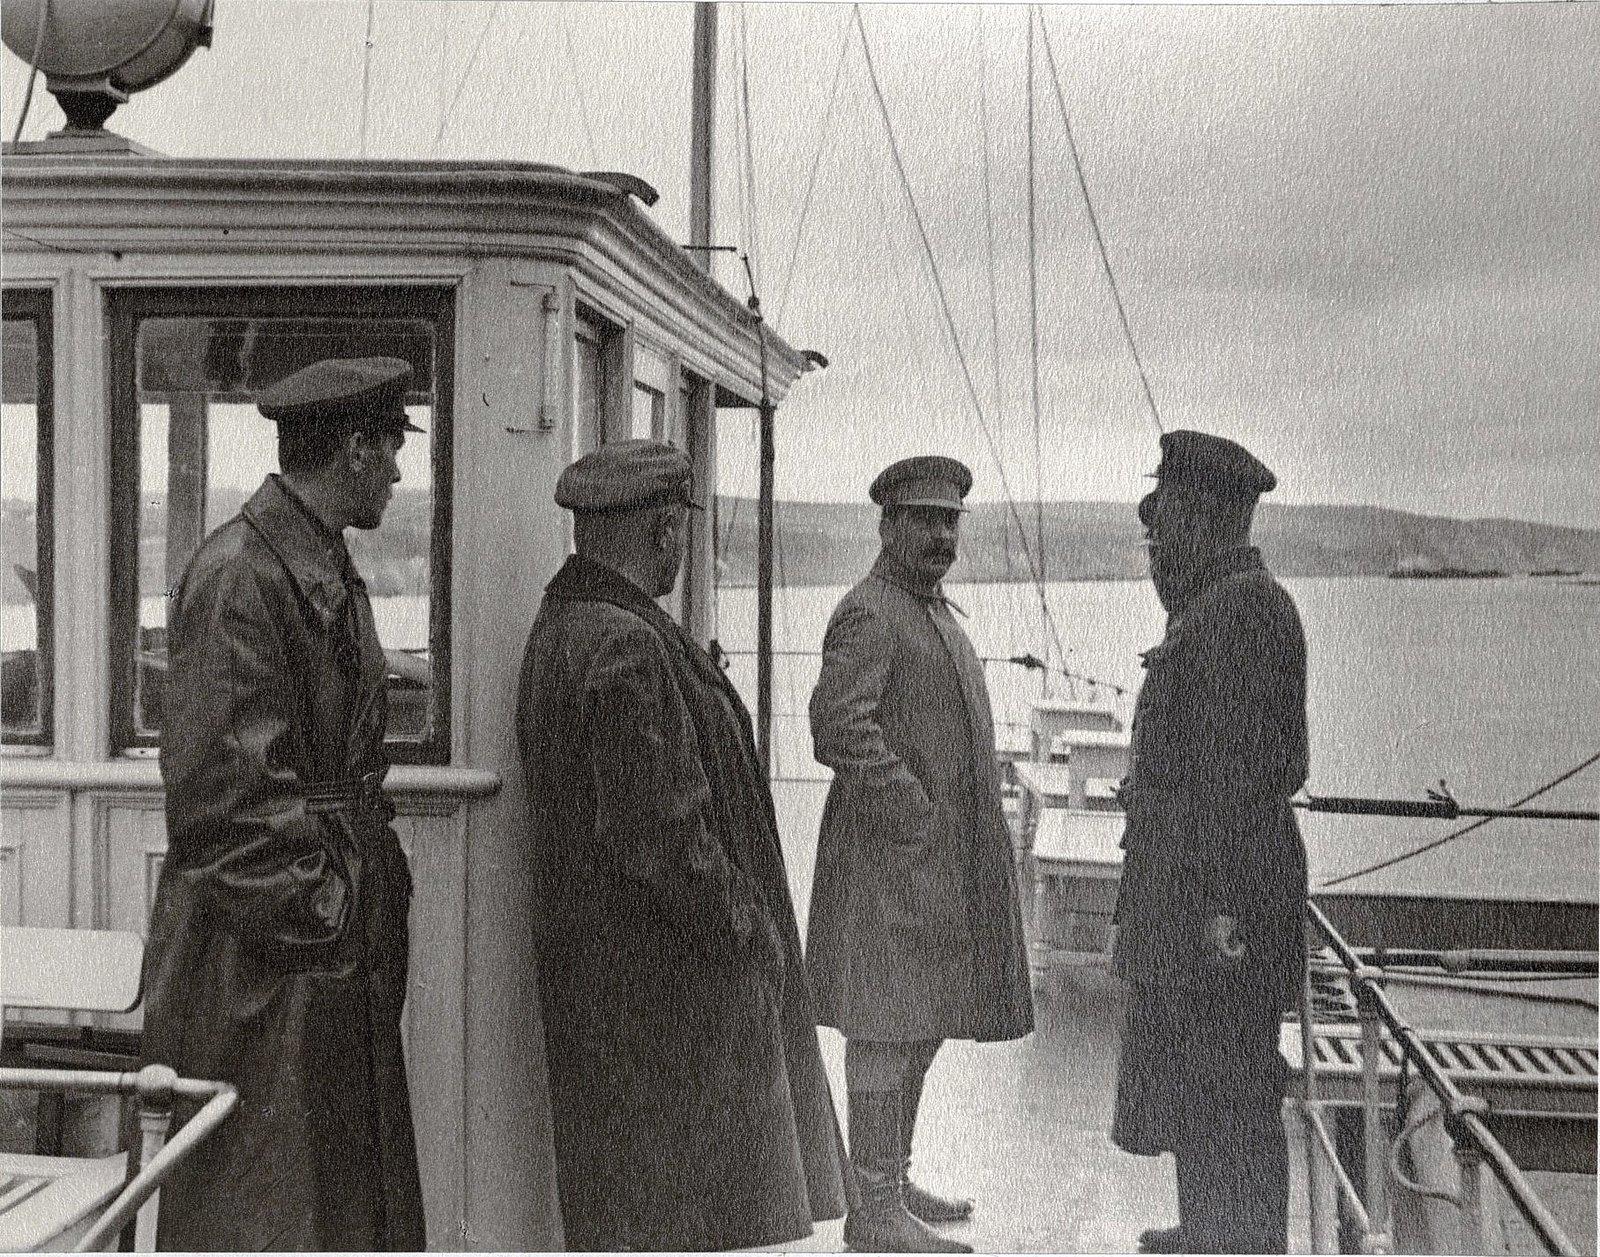 25. И.В. Сталин с сотрудниками охраны. Теплоход Клара Цеткин Август 1933